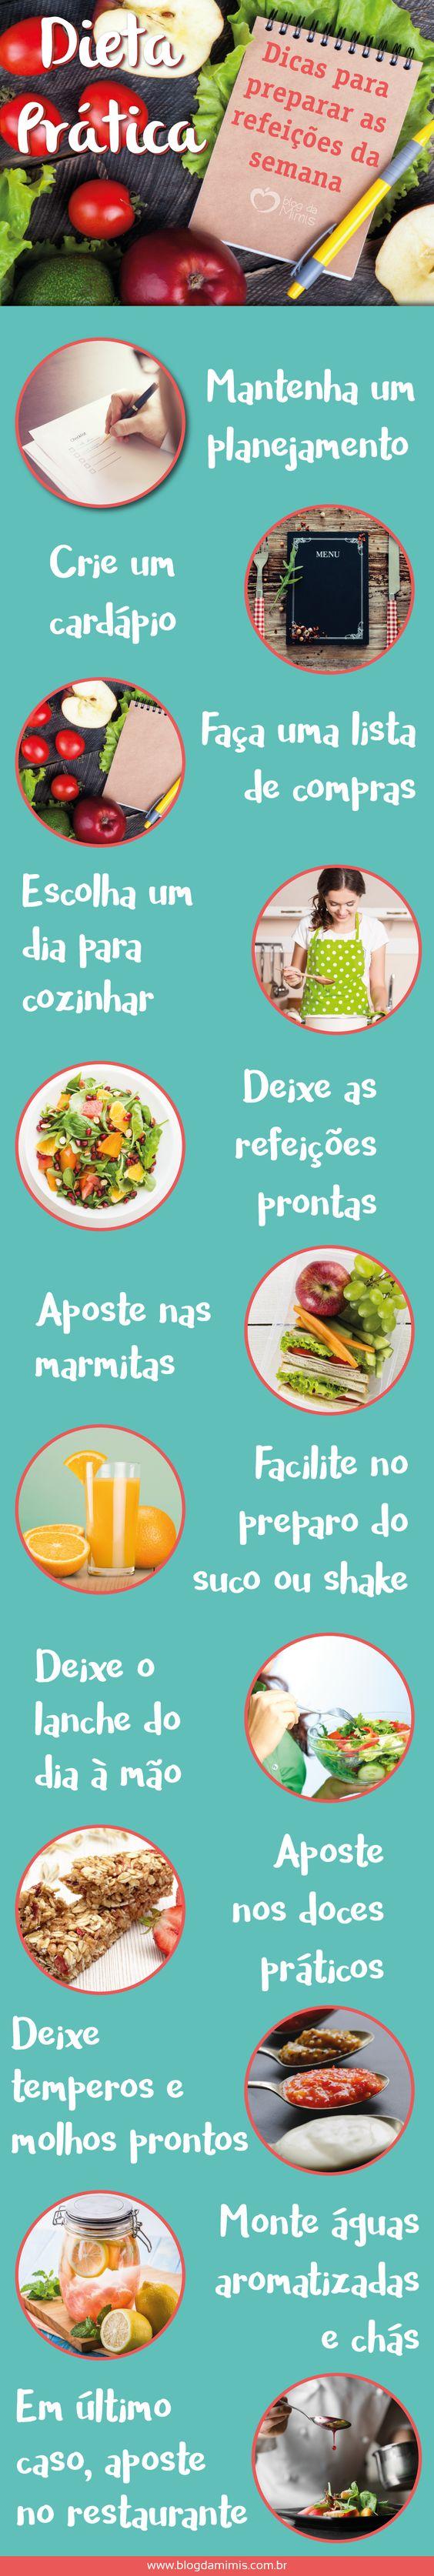 Dieta prática: dicas para preparar as refeições da semana: